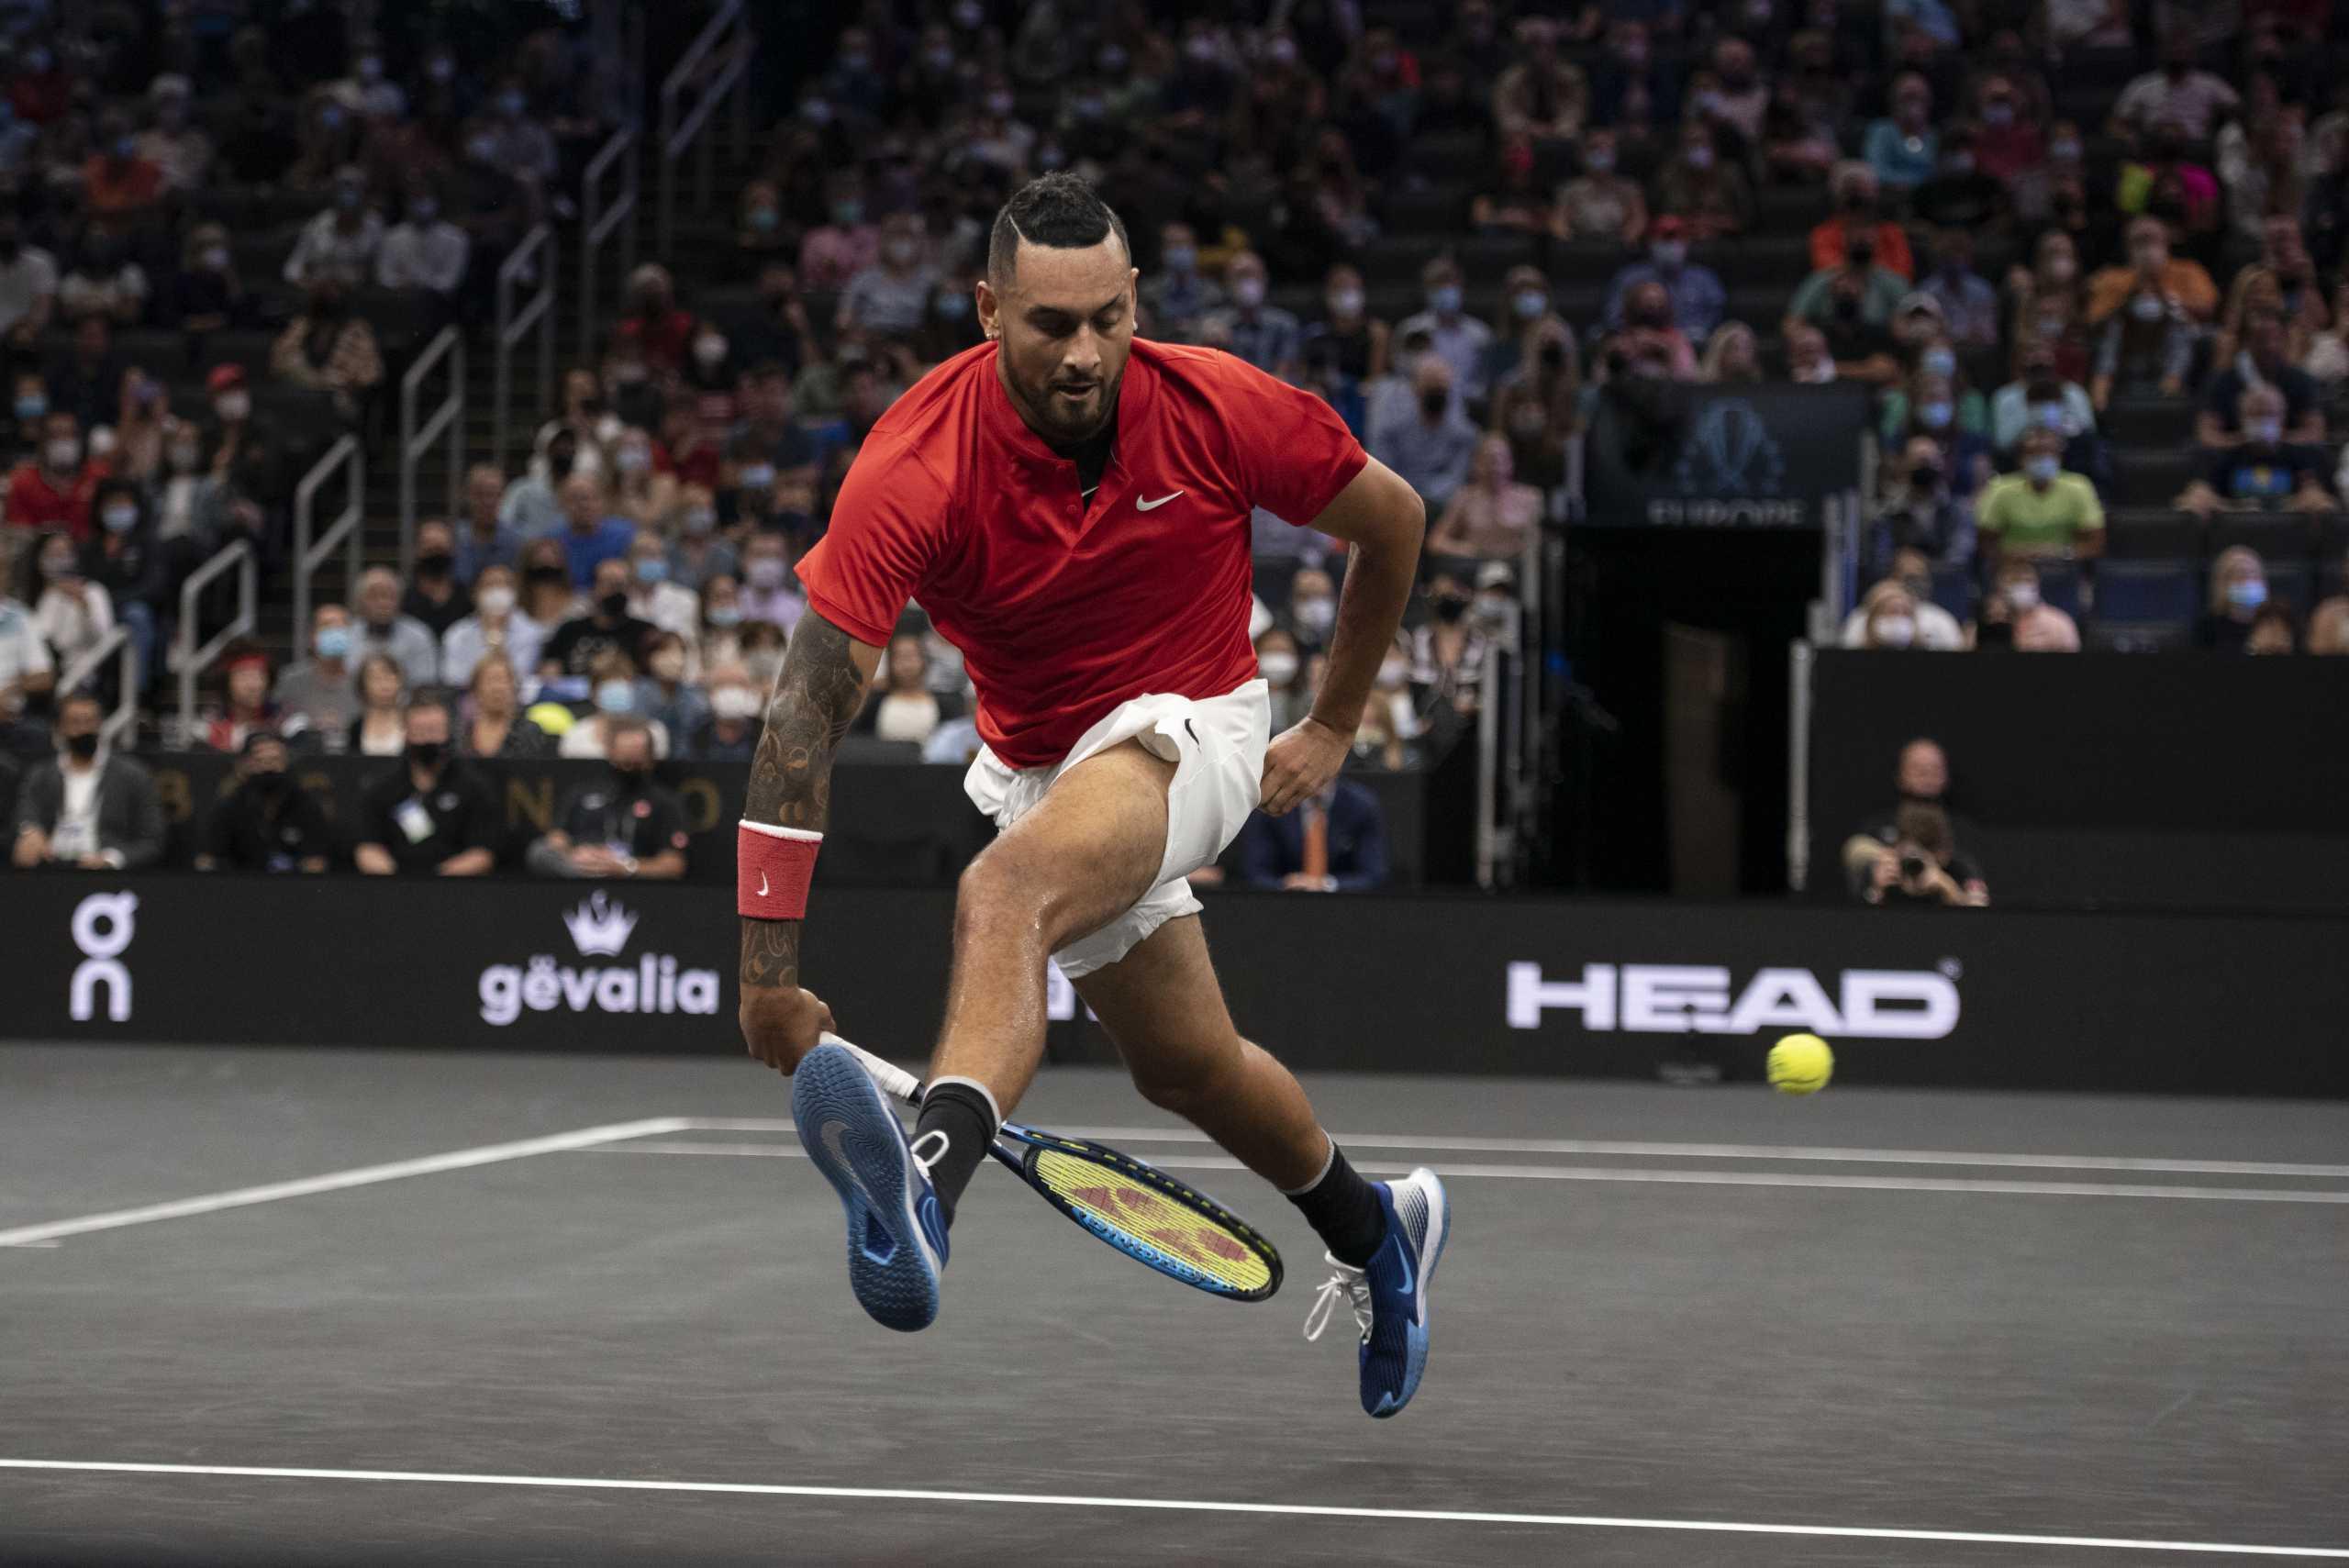 Νικ Κύργιος: «Βόμβα» για πρόωρη απόσυρση από το τένις